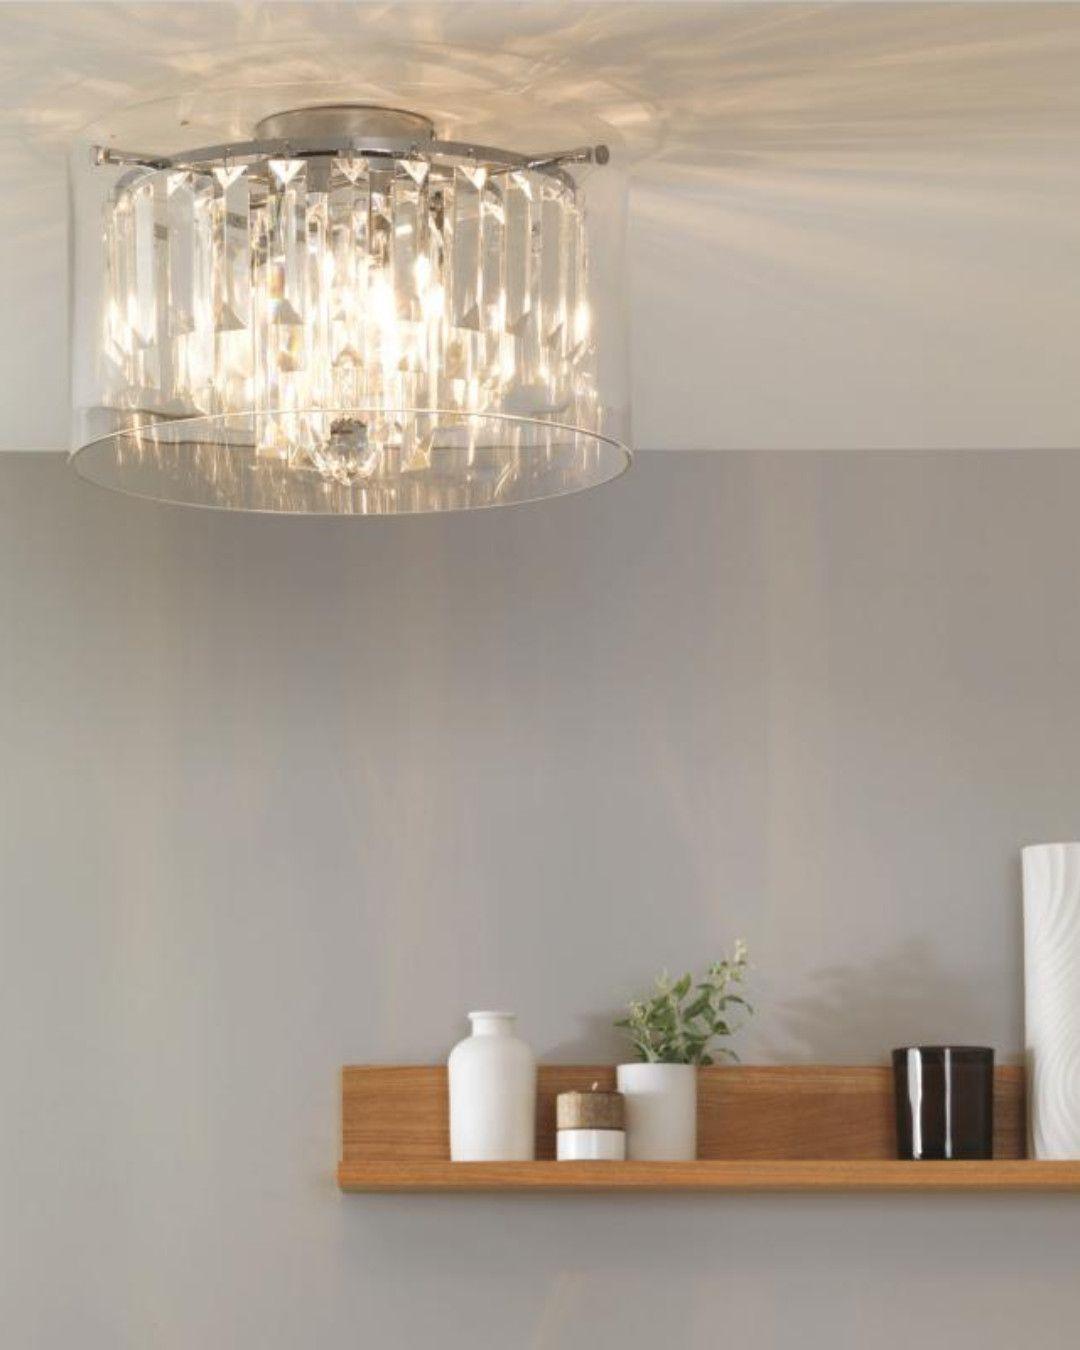 Astro Illumina Asini Einen Hauch Luxus Bringt Die Deckenleuchte In Ihr Zuhause Das Stilvolle Kronleuchter De Kronleuchter Modern Haus Deko Badezimmerleuchten